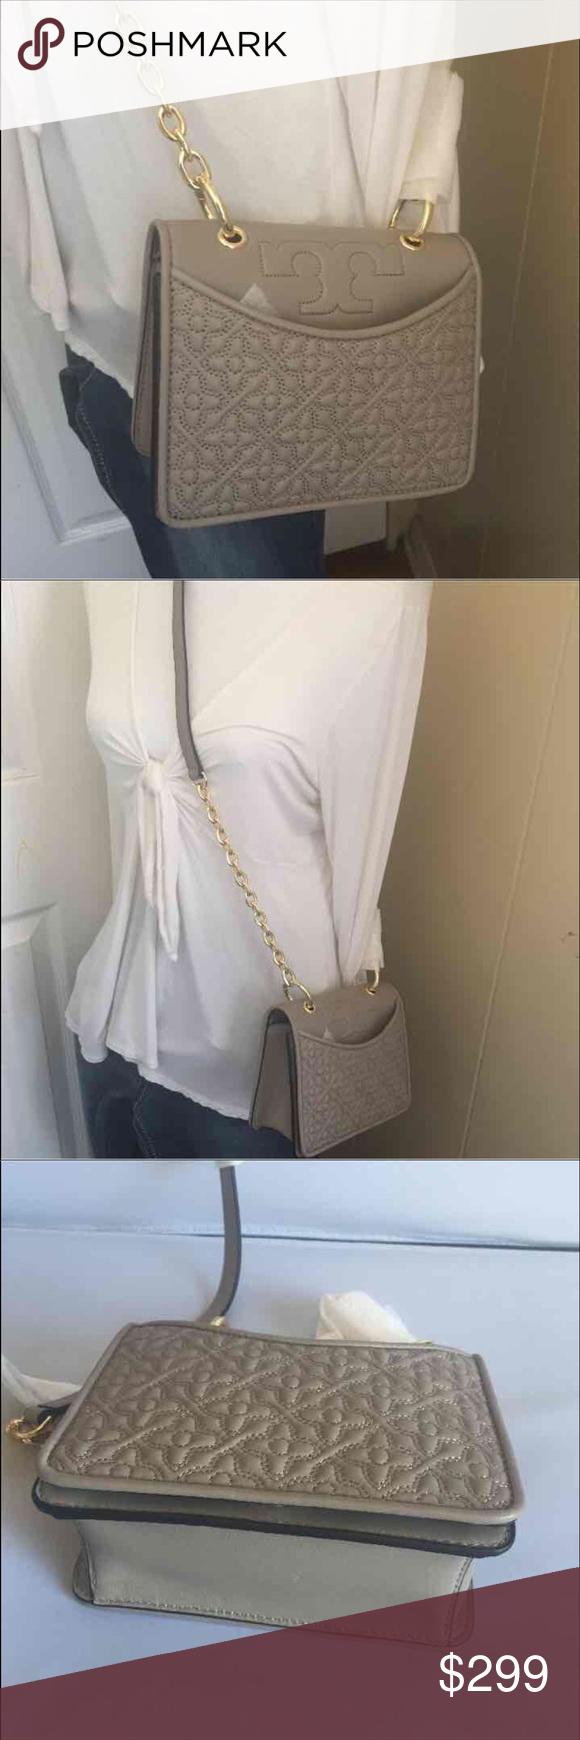 74d67223c4 Tory Burch Bryant mini shoulder bag Brand new shoulder bag soft leather  gold hardware inside zip pocket Color: French gray Measurements: 6.5